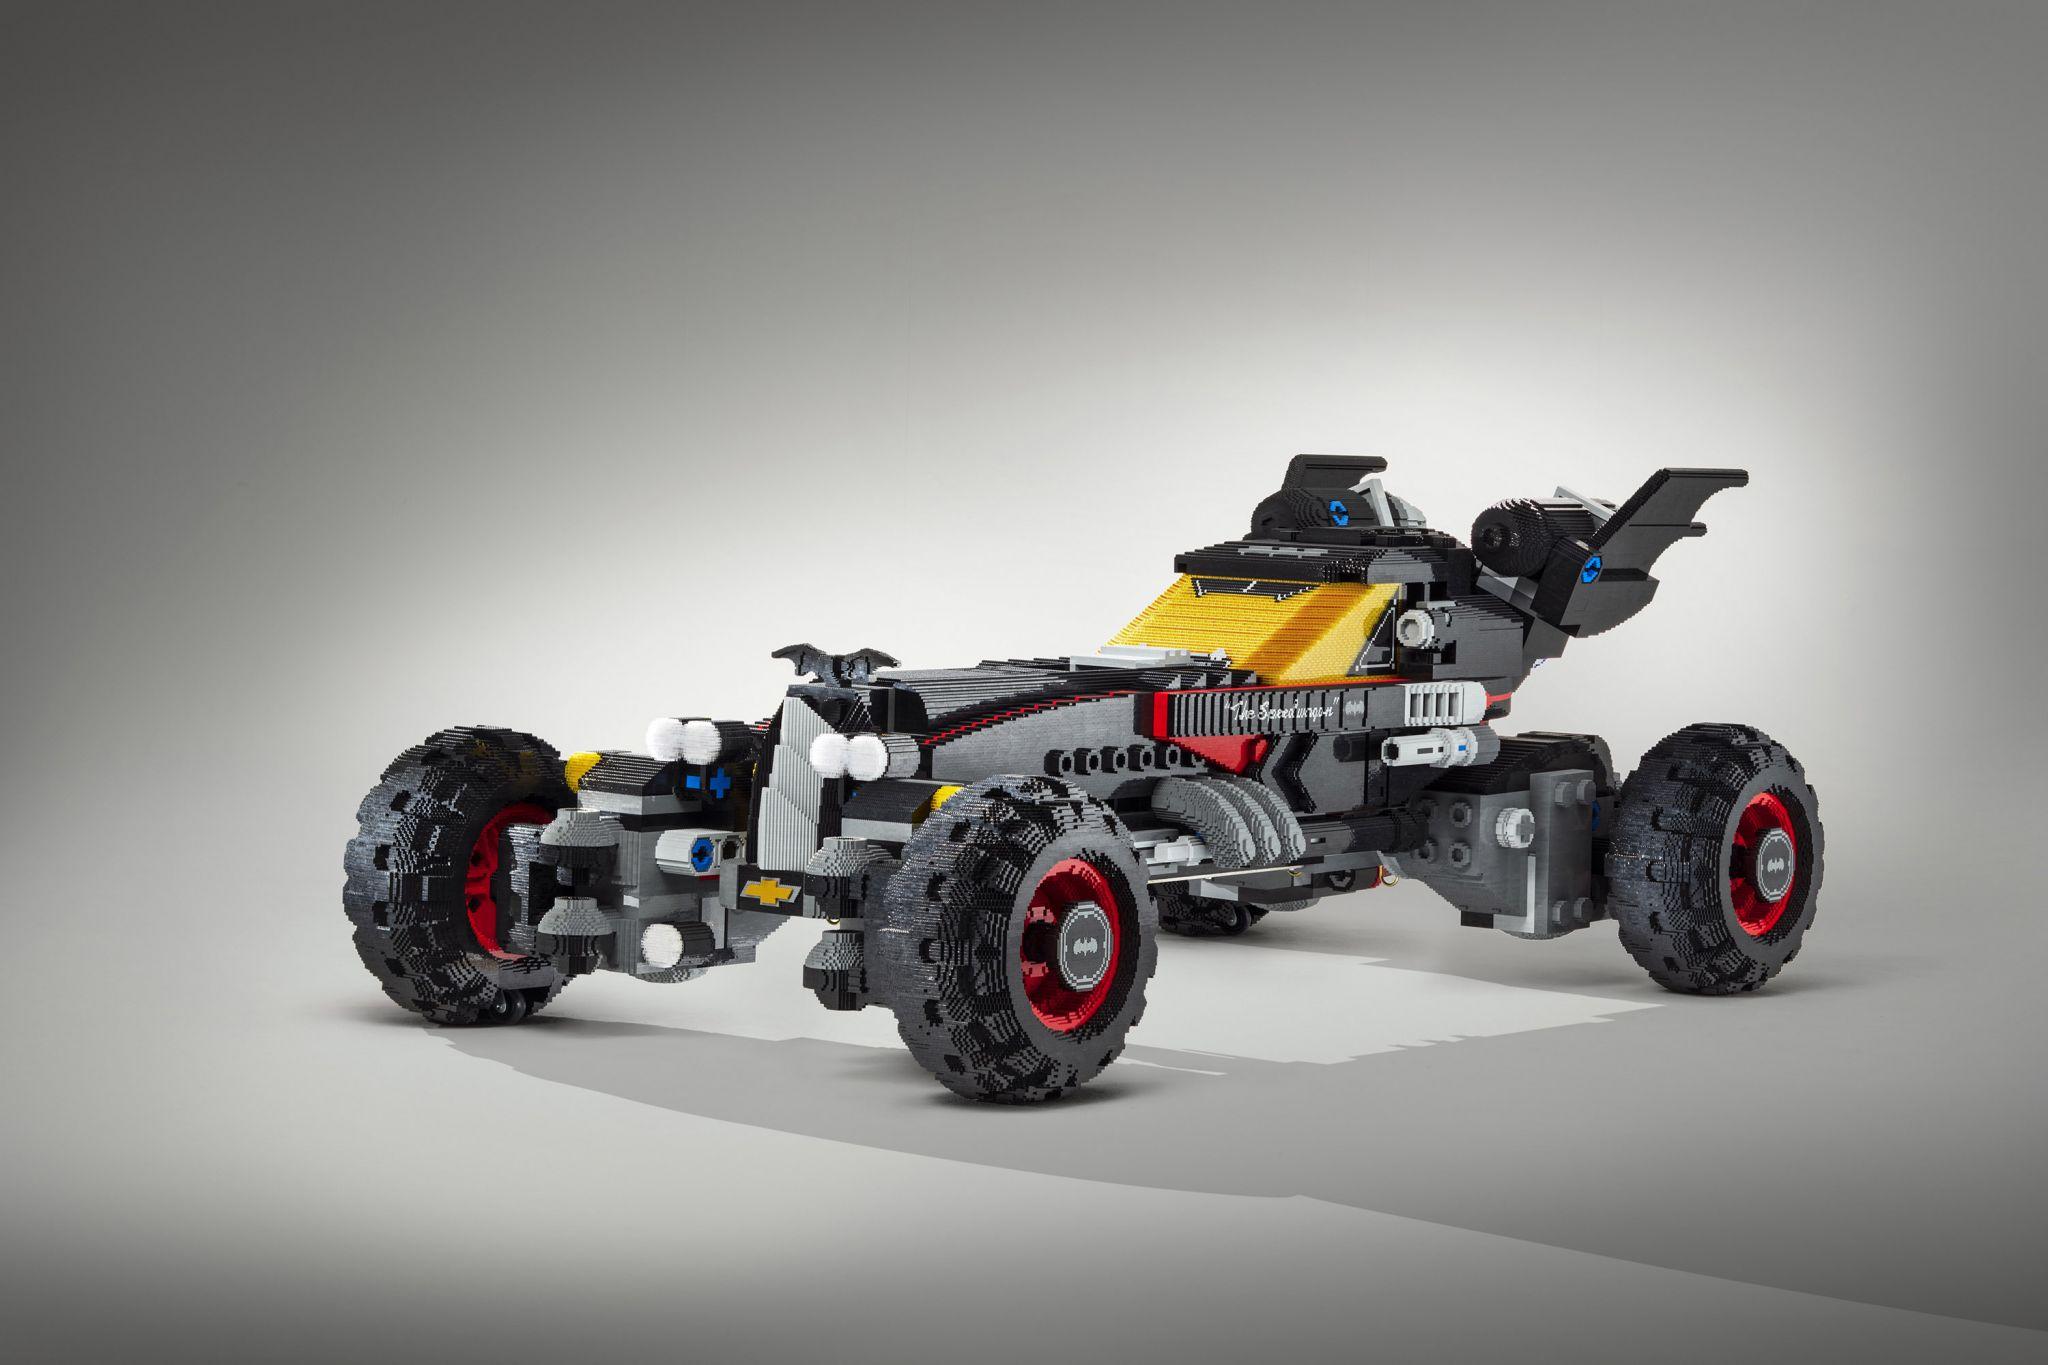 Chevrolet unveils life-size LEGO 'Batmobile' at Detroit auto show